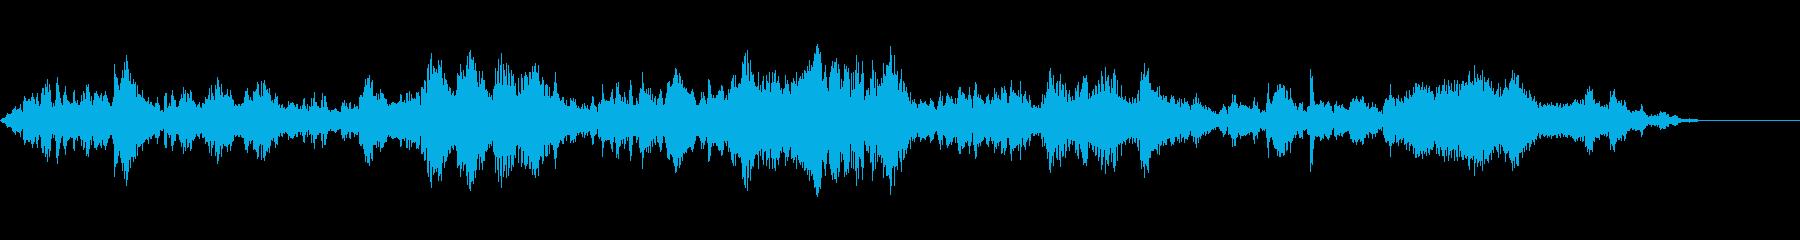 ジャングルバード-サル-ミックスエンの再生済みの波形